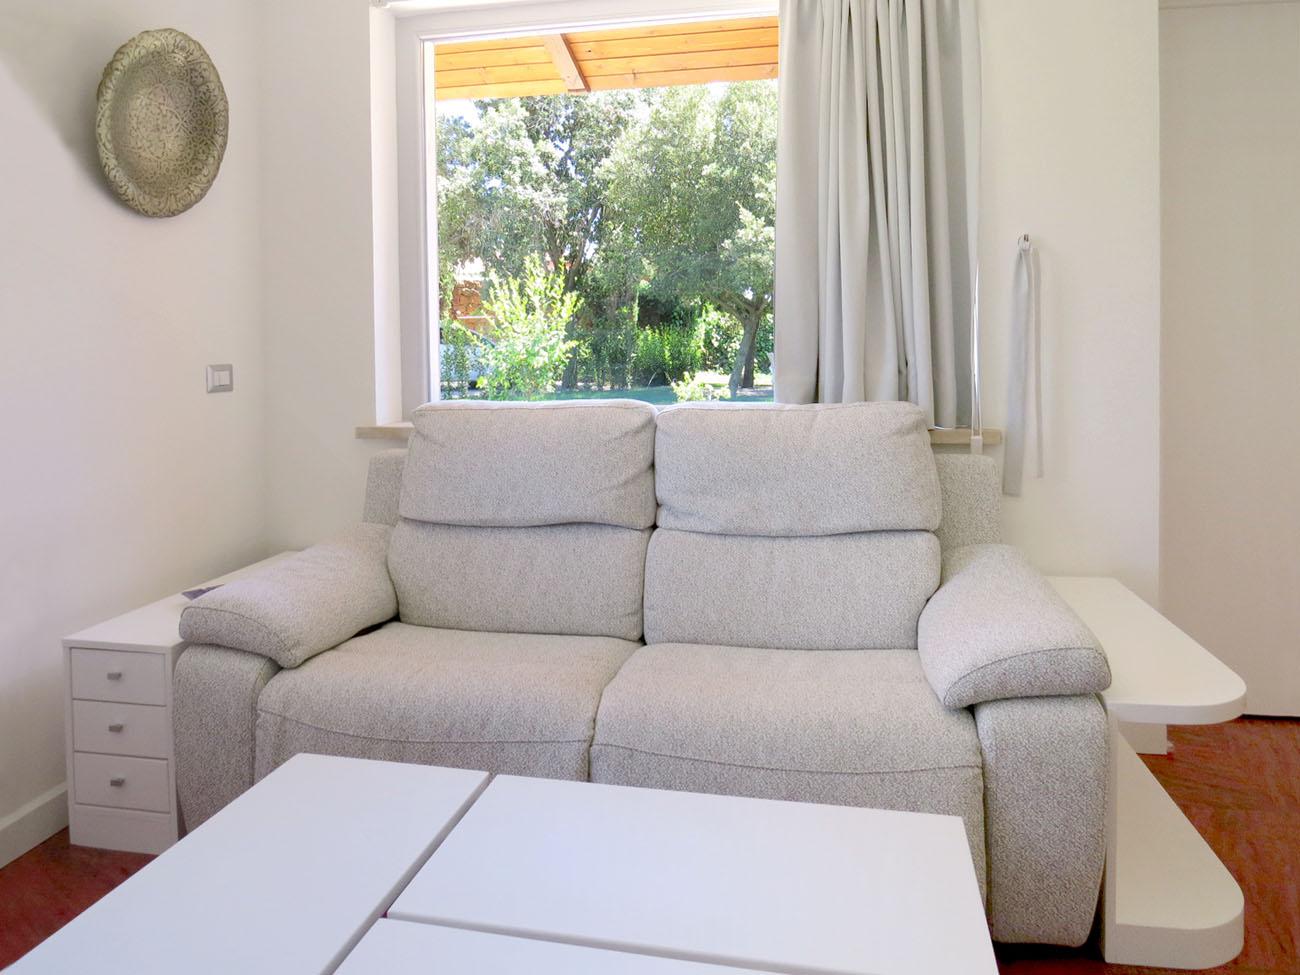 4a mobiletti in legno fianco divano arredamenti e mobili - Mobiletti in legno ...